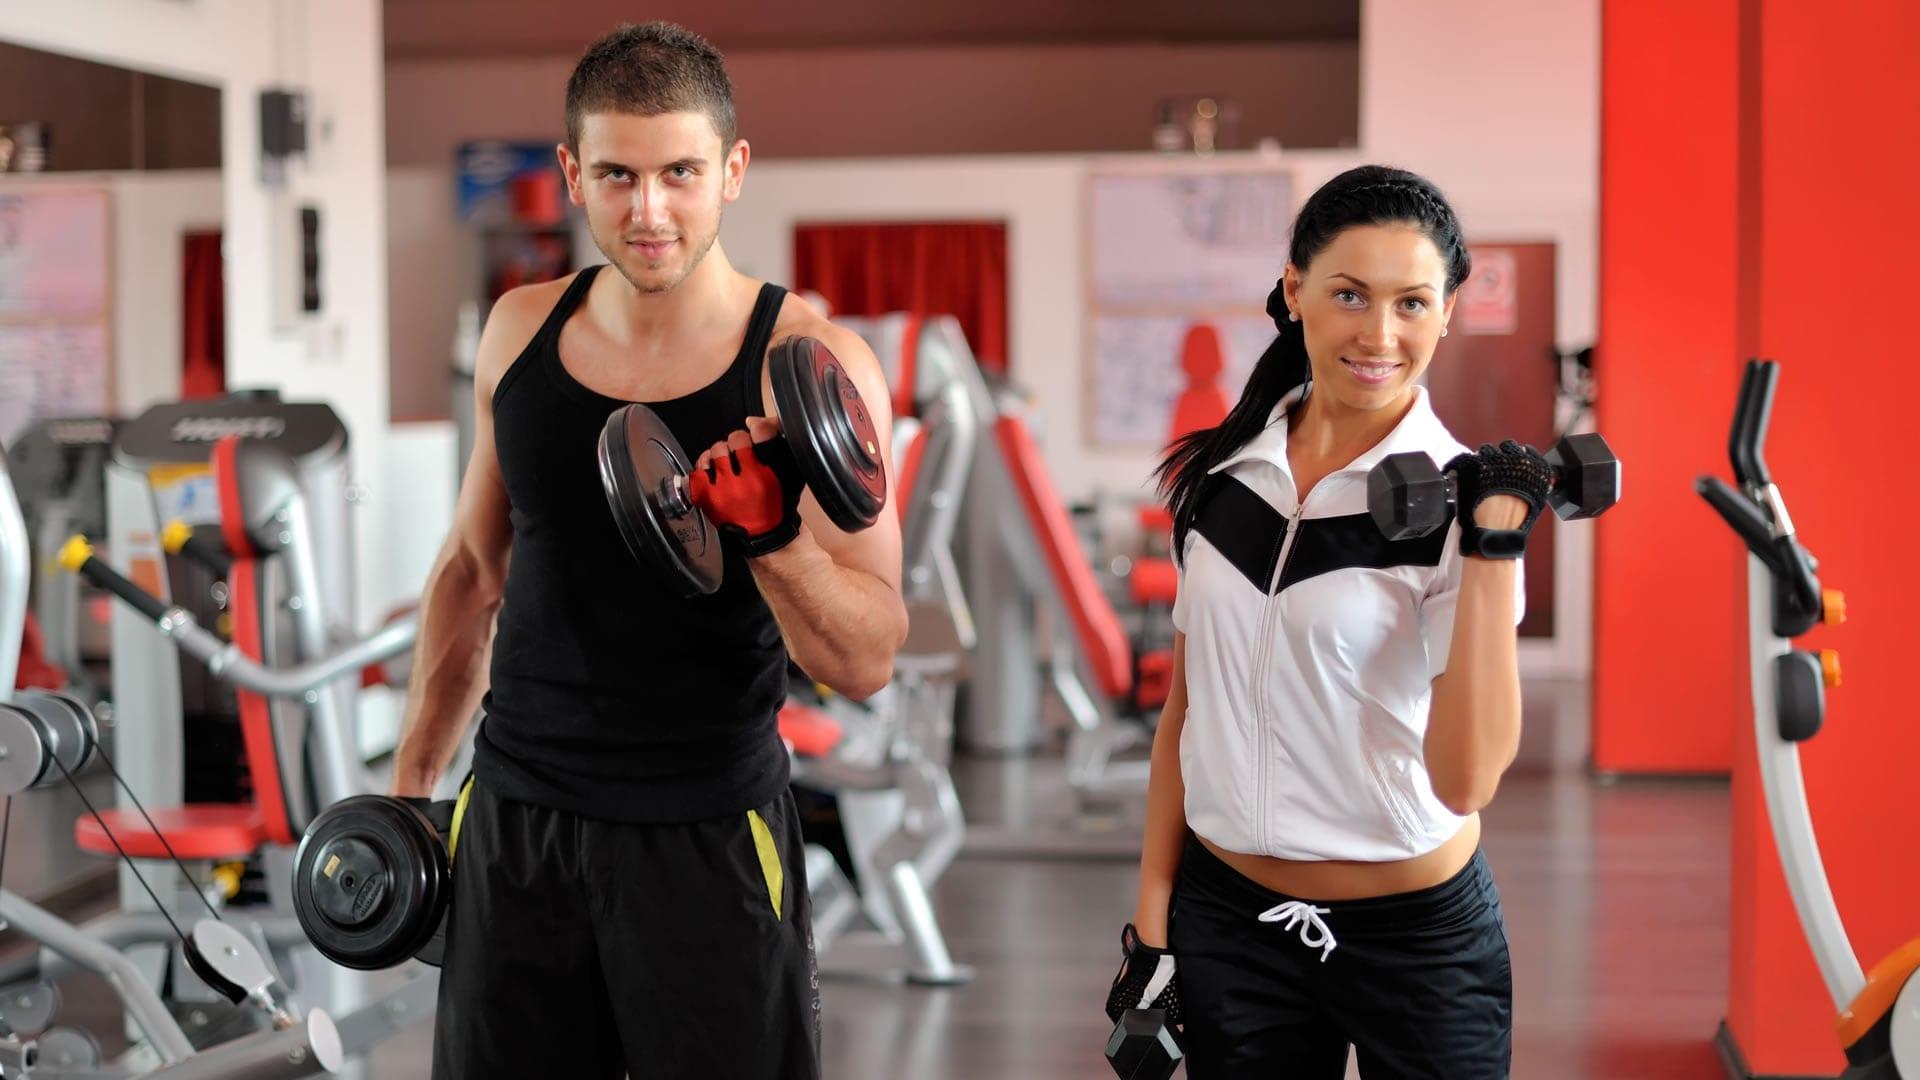 Gu a de gimnasio y musculaci n para principiantes for Gimnasio musculacion